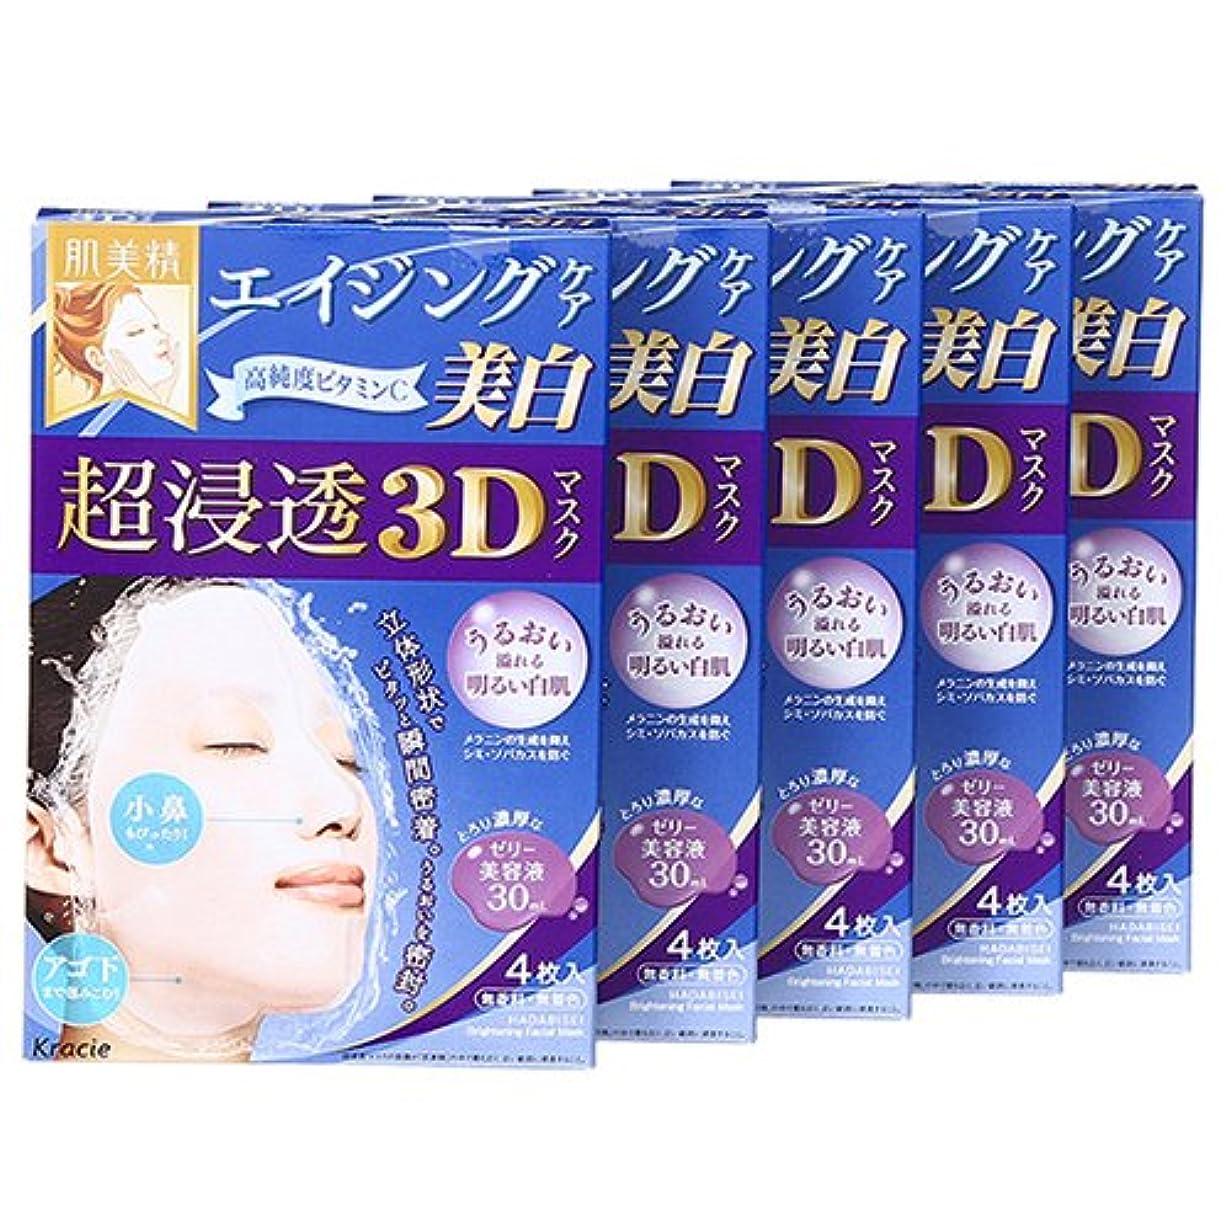 盆便宜一回クラシエホームプロダクツ 肌美精 超浸透3Dマスク エイジングケア(美白) 4枚入 (美容液30mL/1枚) 5点セット [並行輸入品]